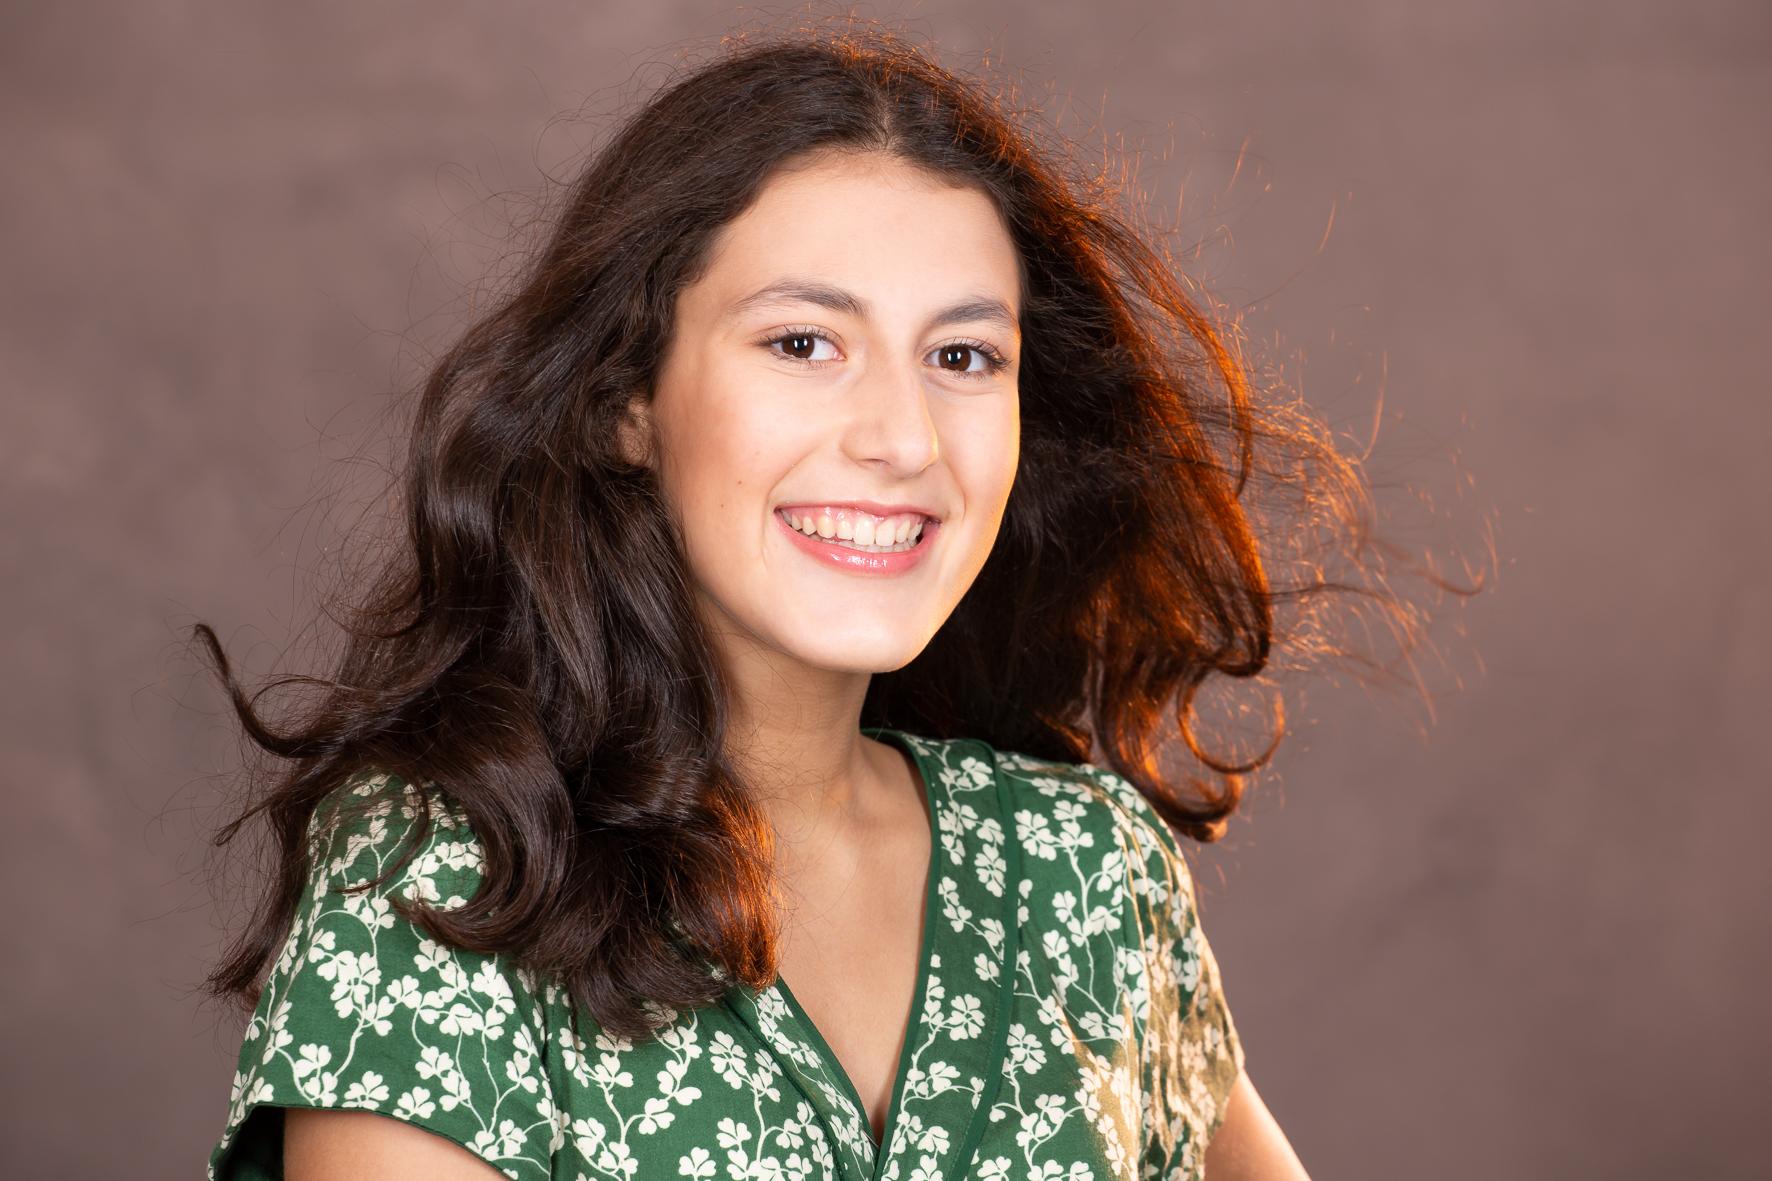 Lara-l Schauspiel und Modelagentur Stageperform